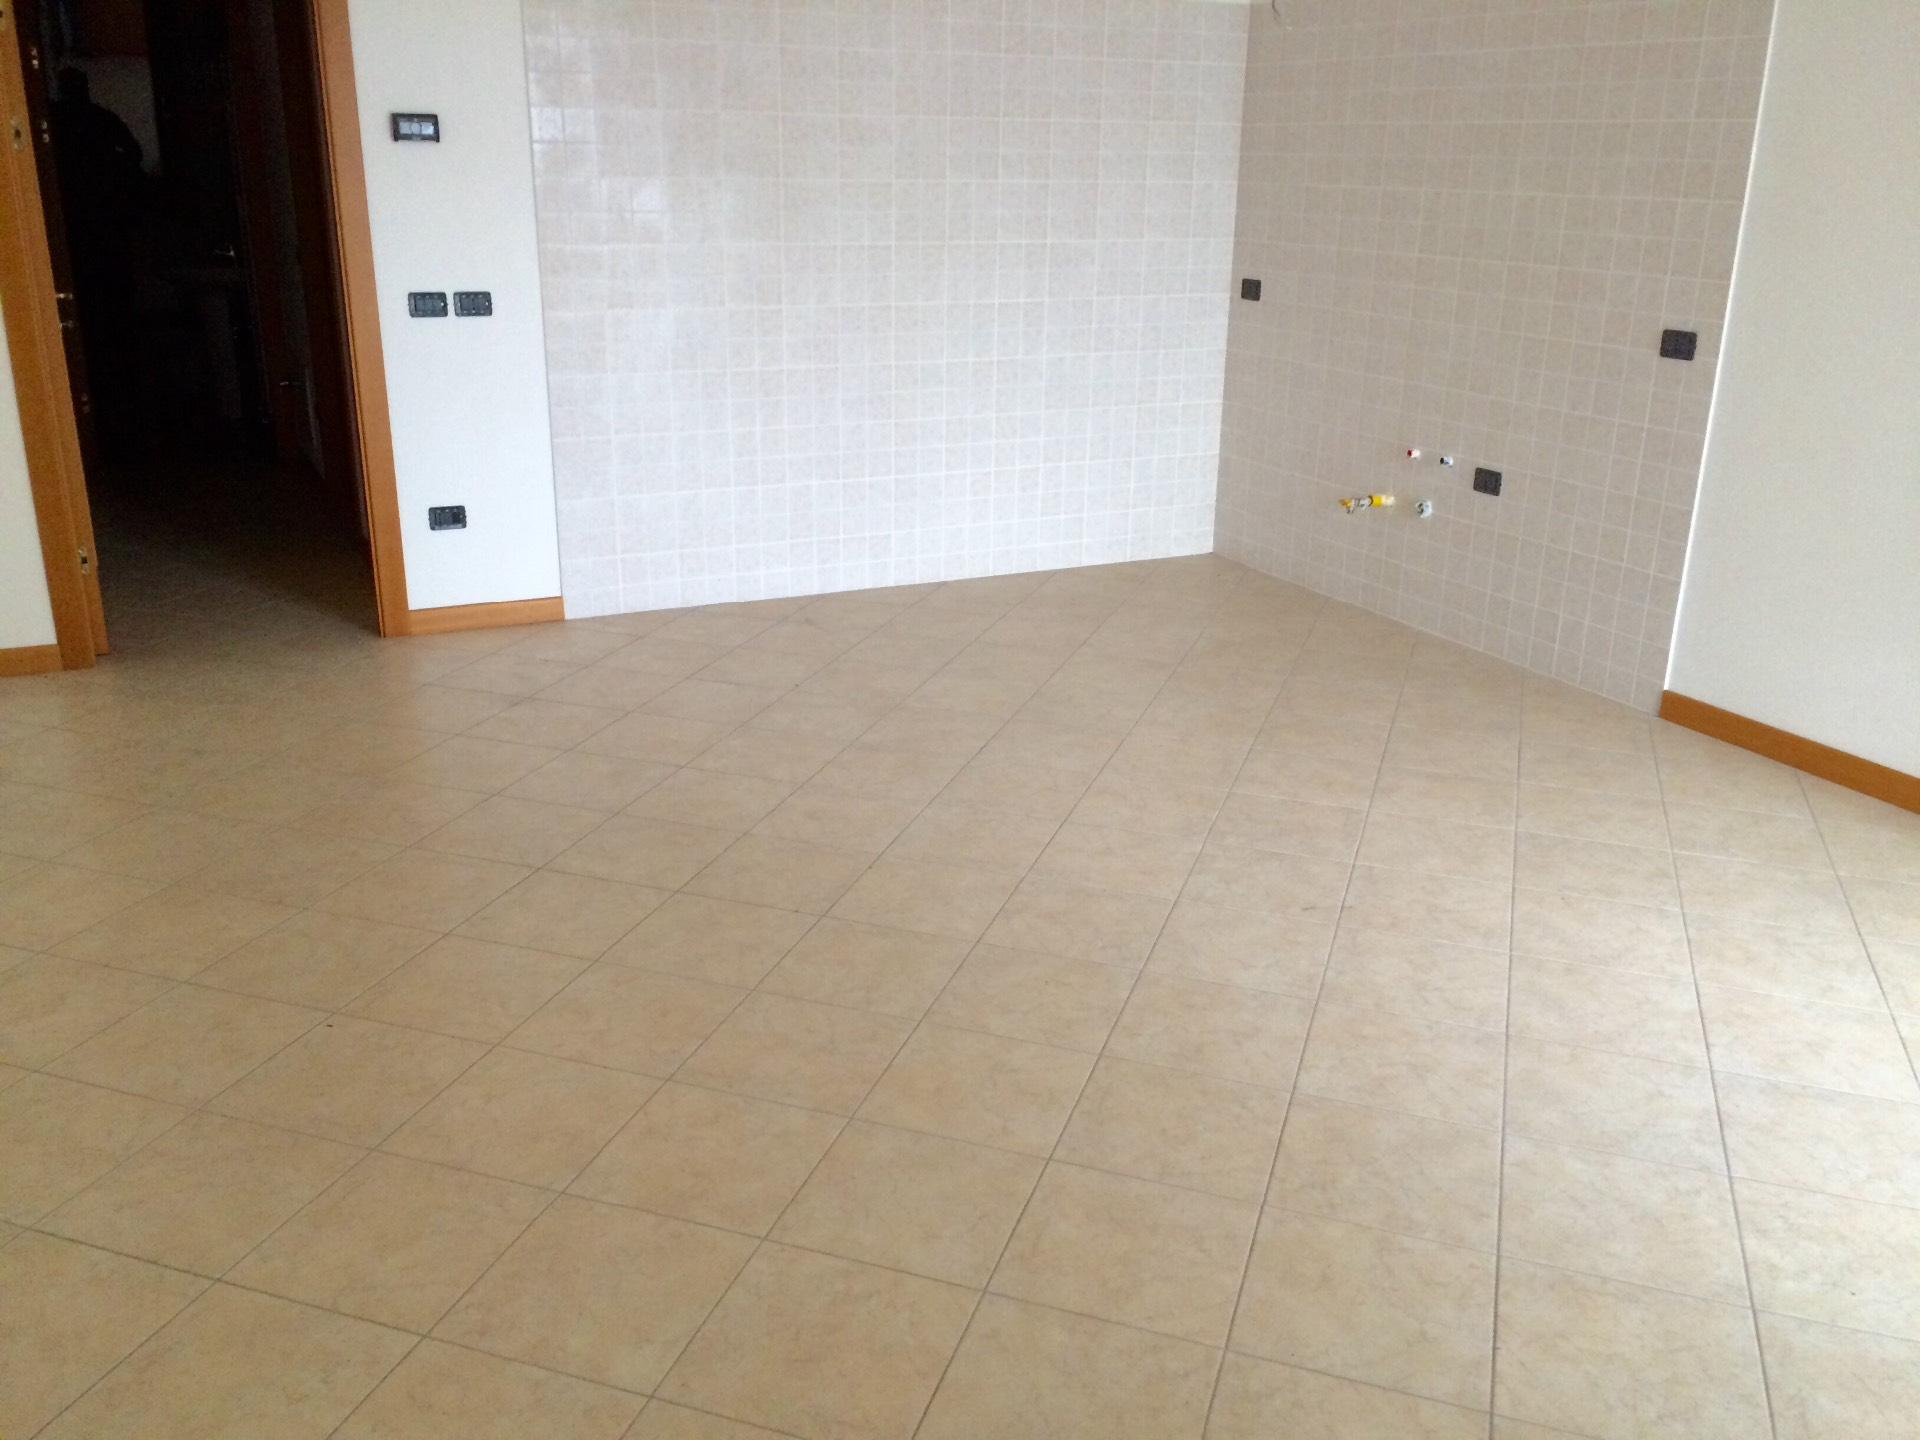 Appartamento in vendita a Maserada sul Piave, 5 locali, zona Zona: Varago, prezzo € 150.000 | Cambio Casa.it